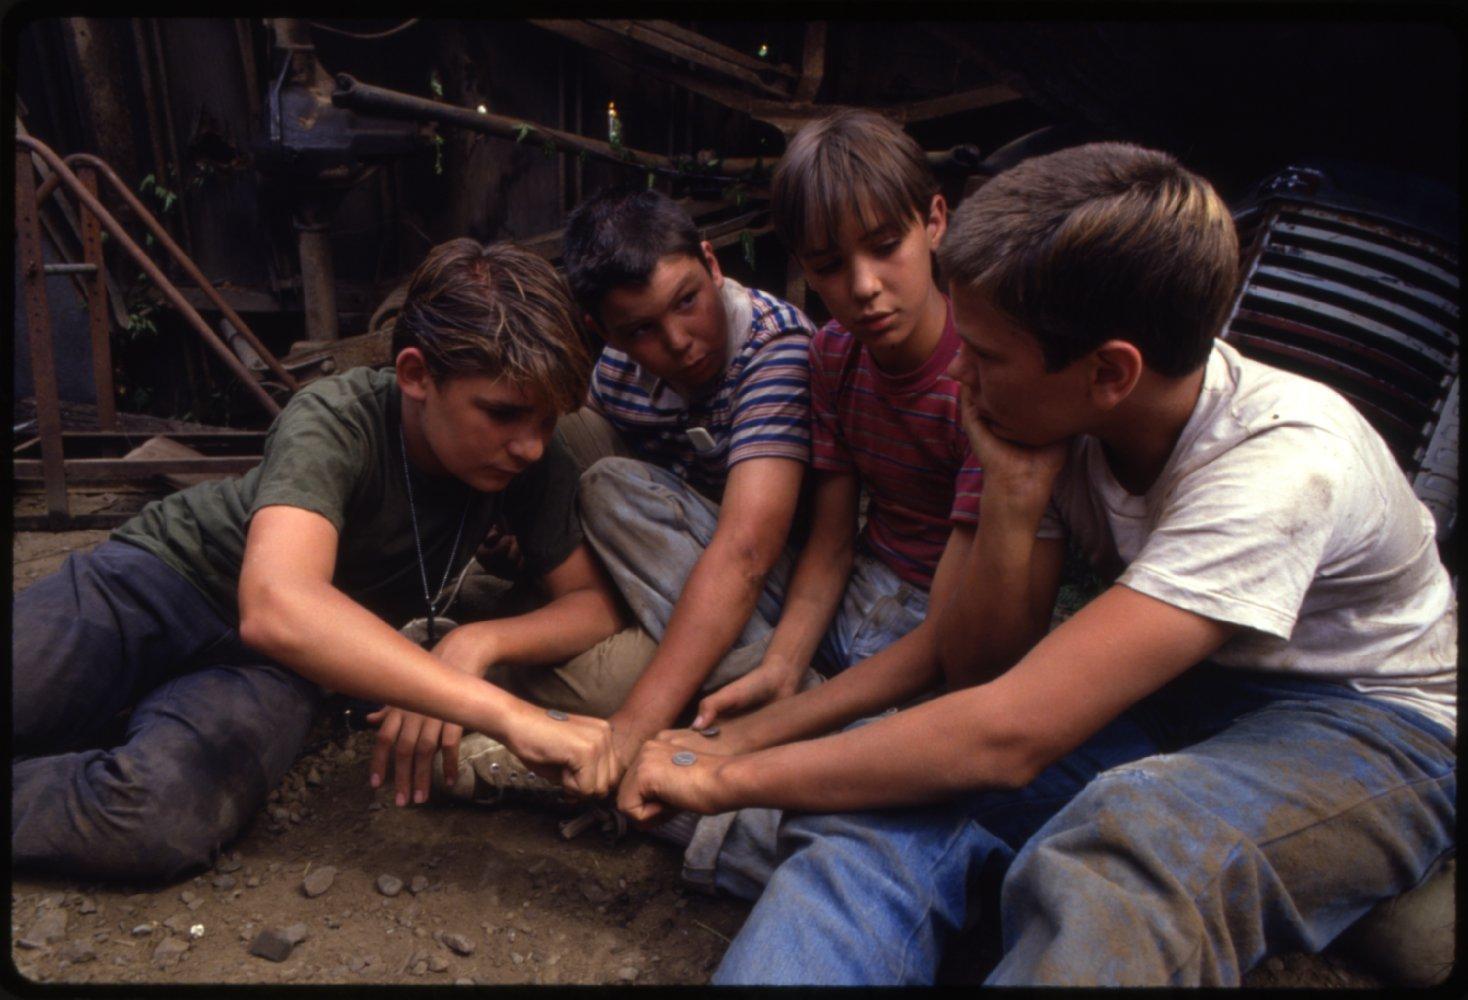 סרטים מומלצים למתבגרים